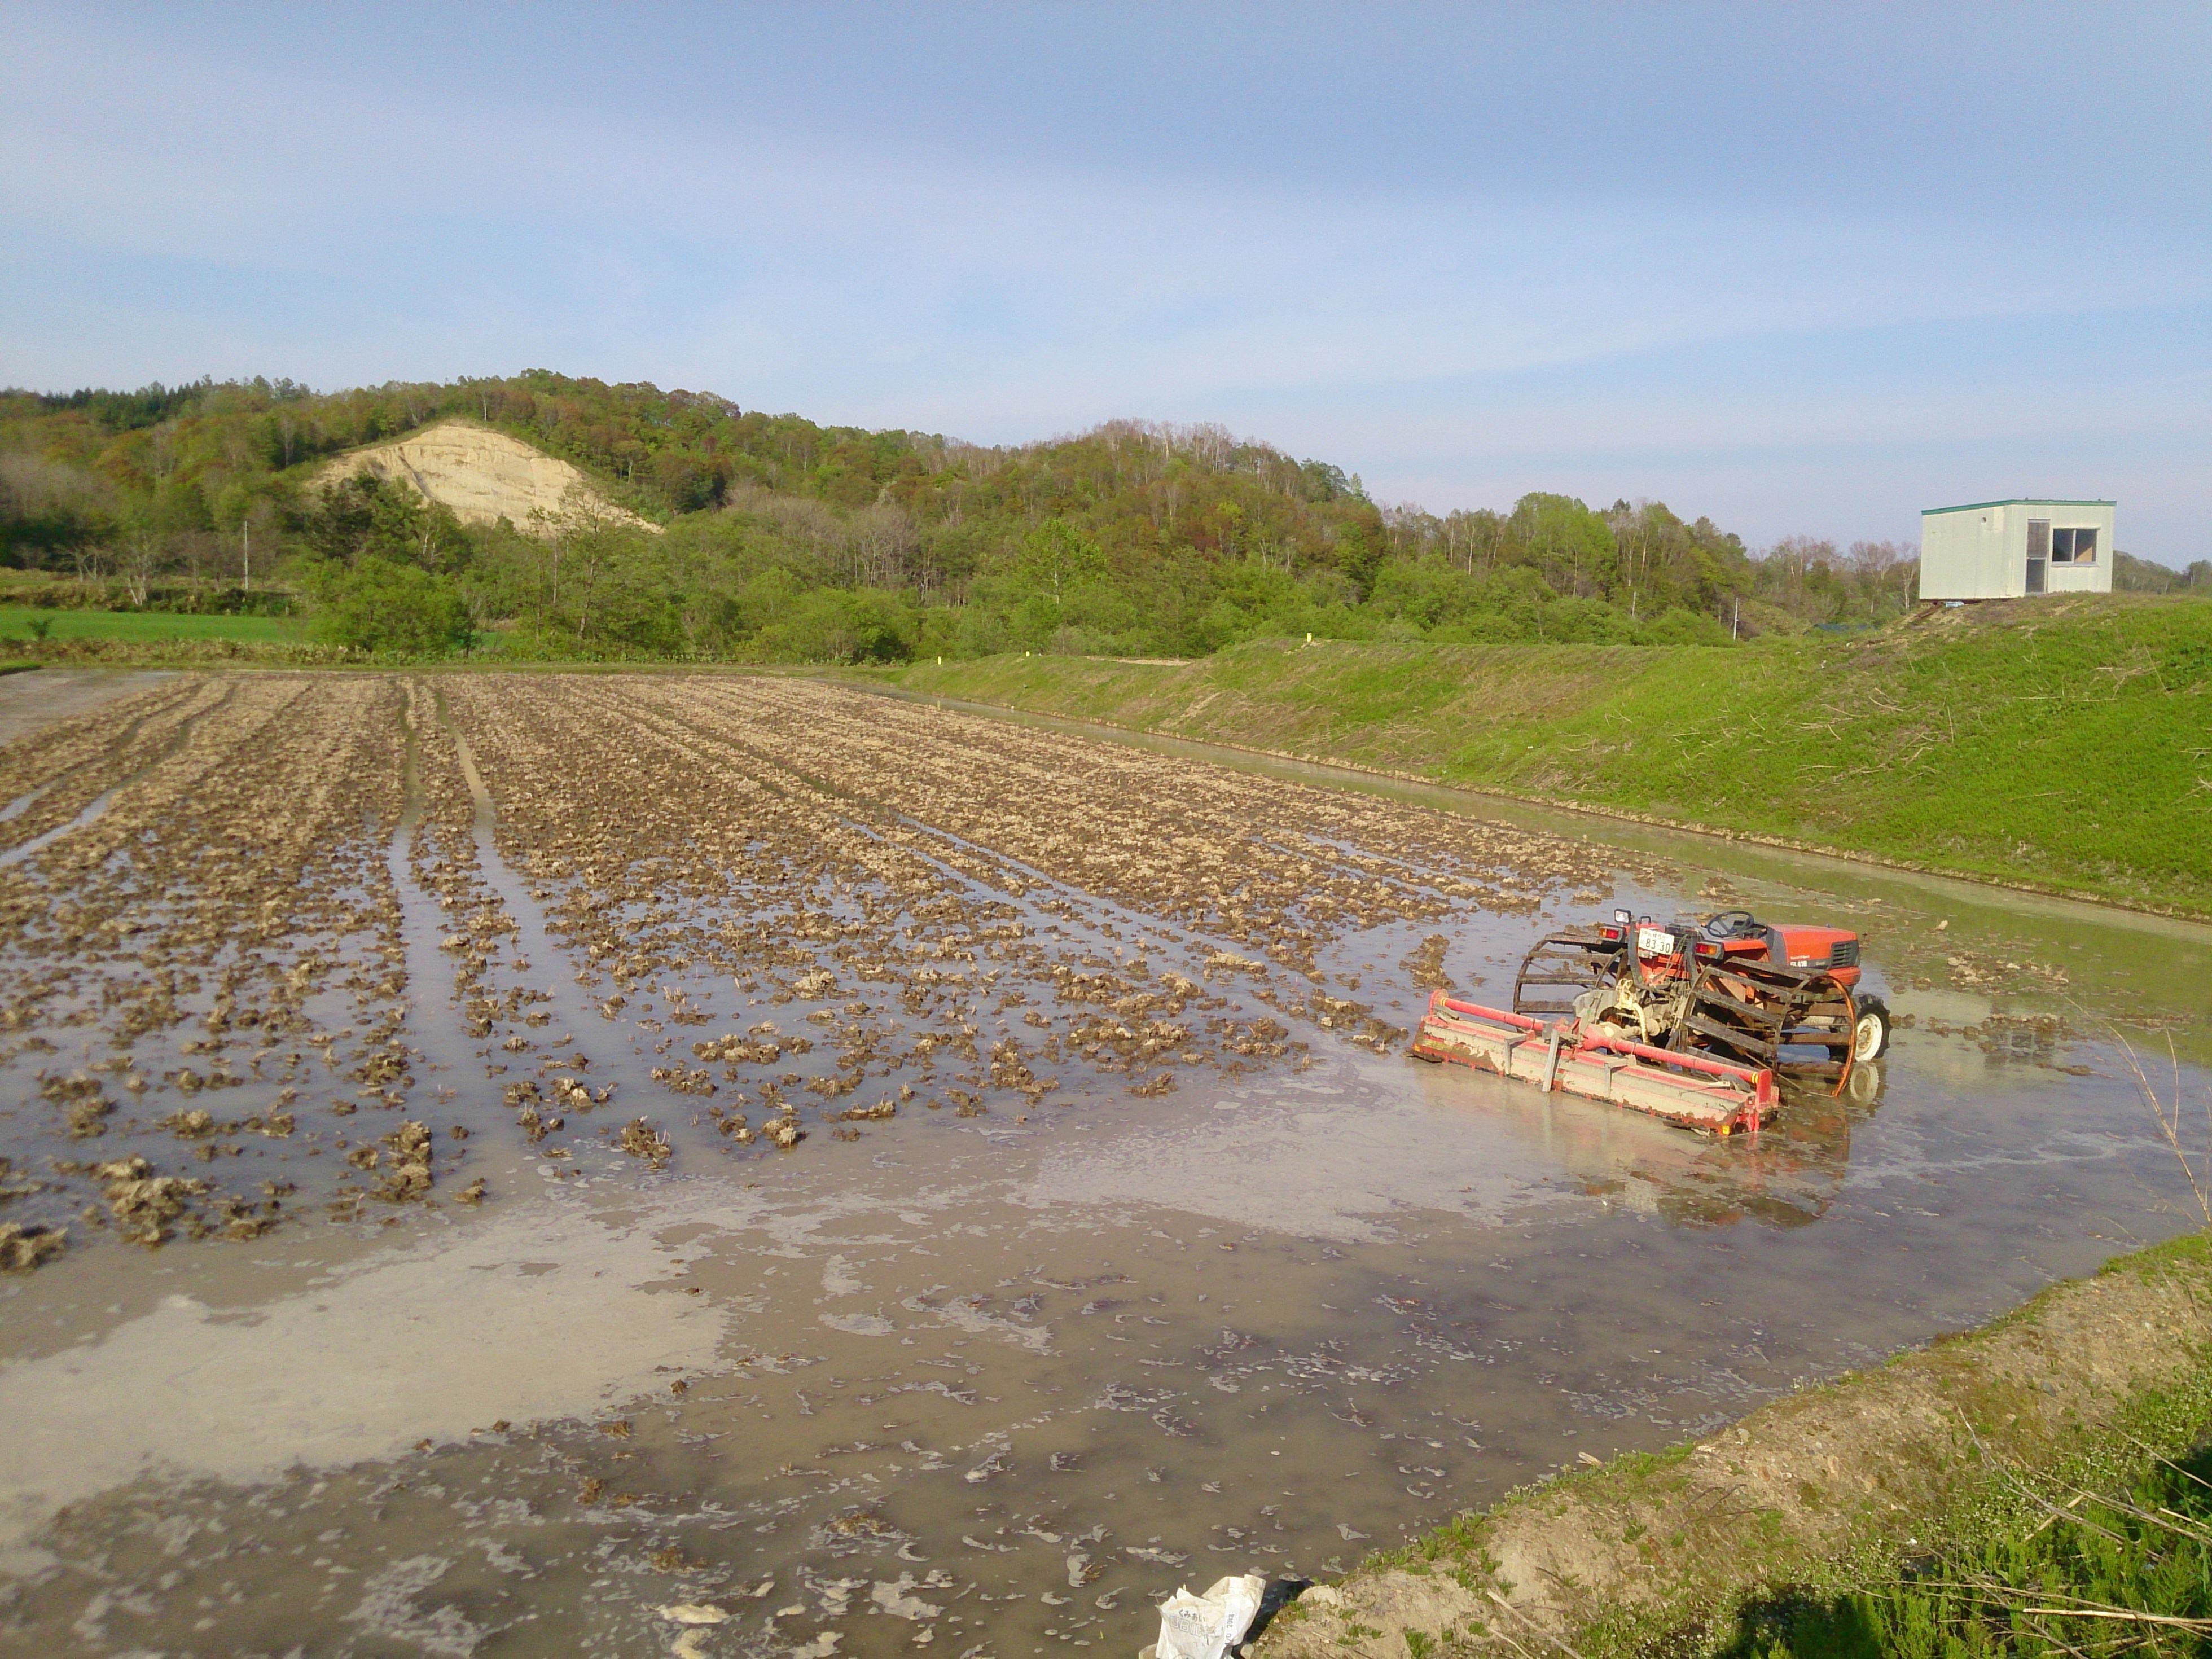 体験農場の水田に水が入りました!田植え体験まであと3週間